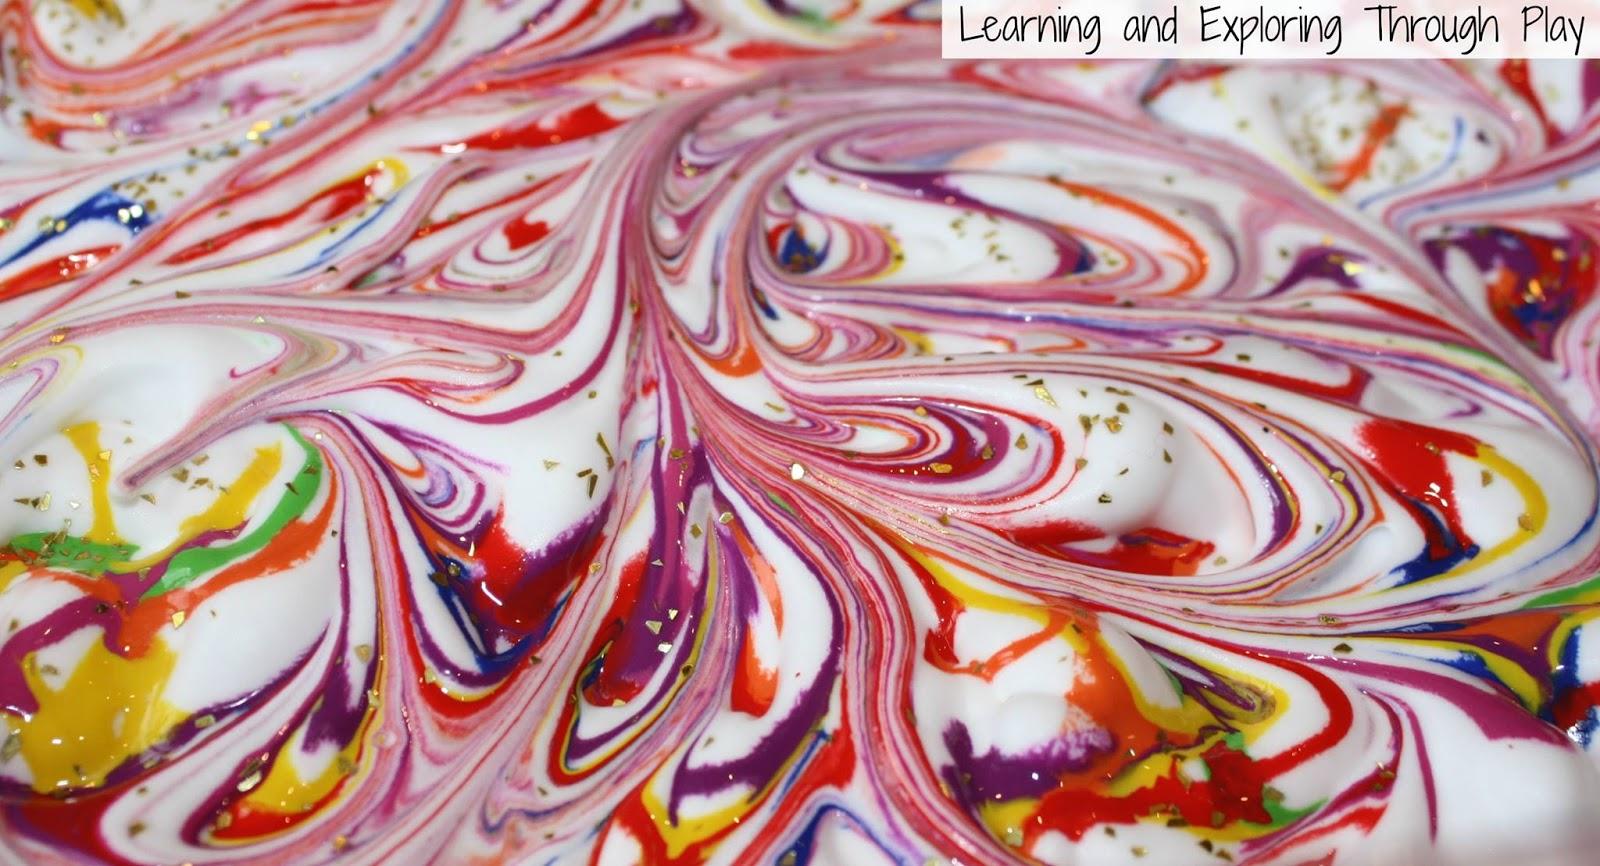 fun art process using shaving foam